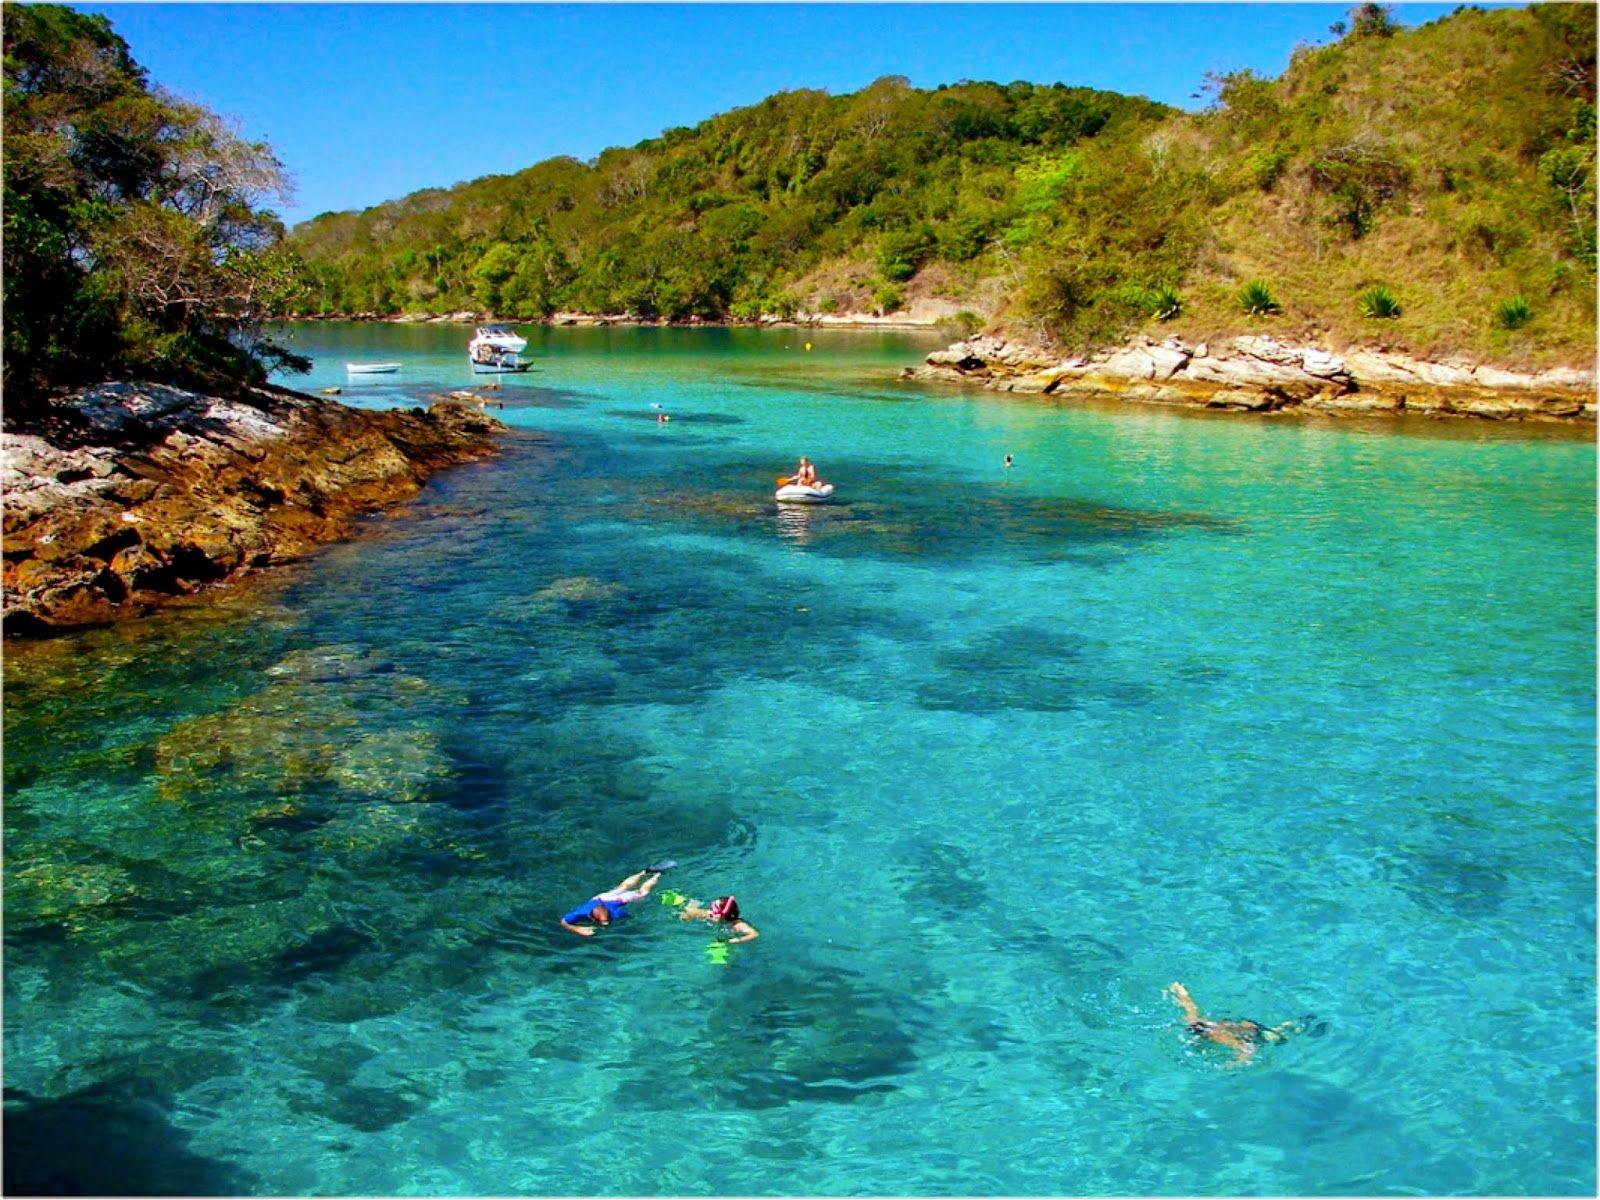 Praia Paradisiaca Rio De Janeiro Lagoa Azul Ilha Grande Ilha